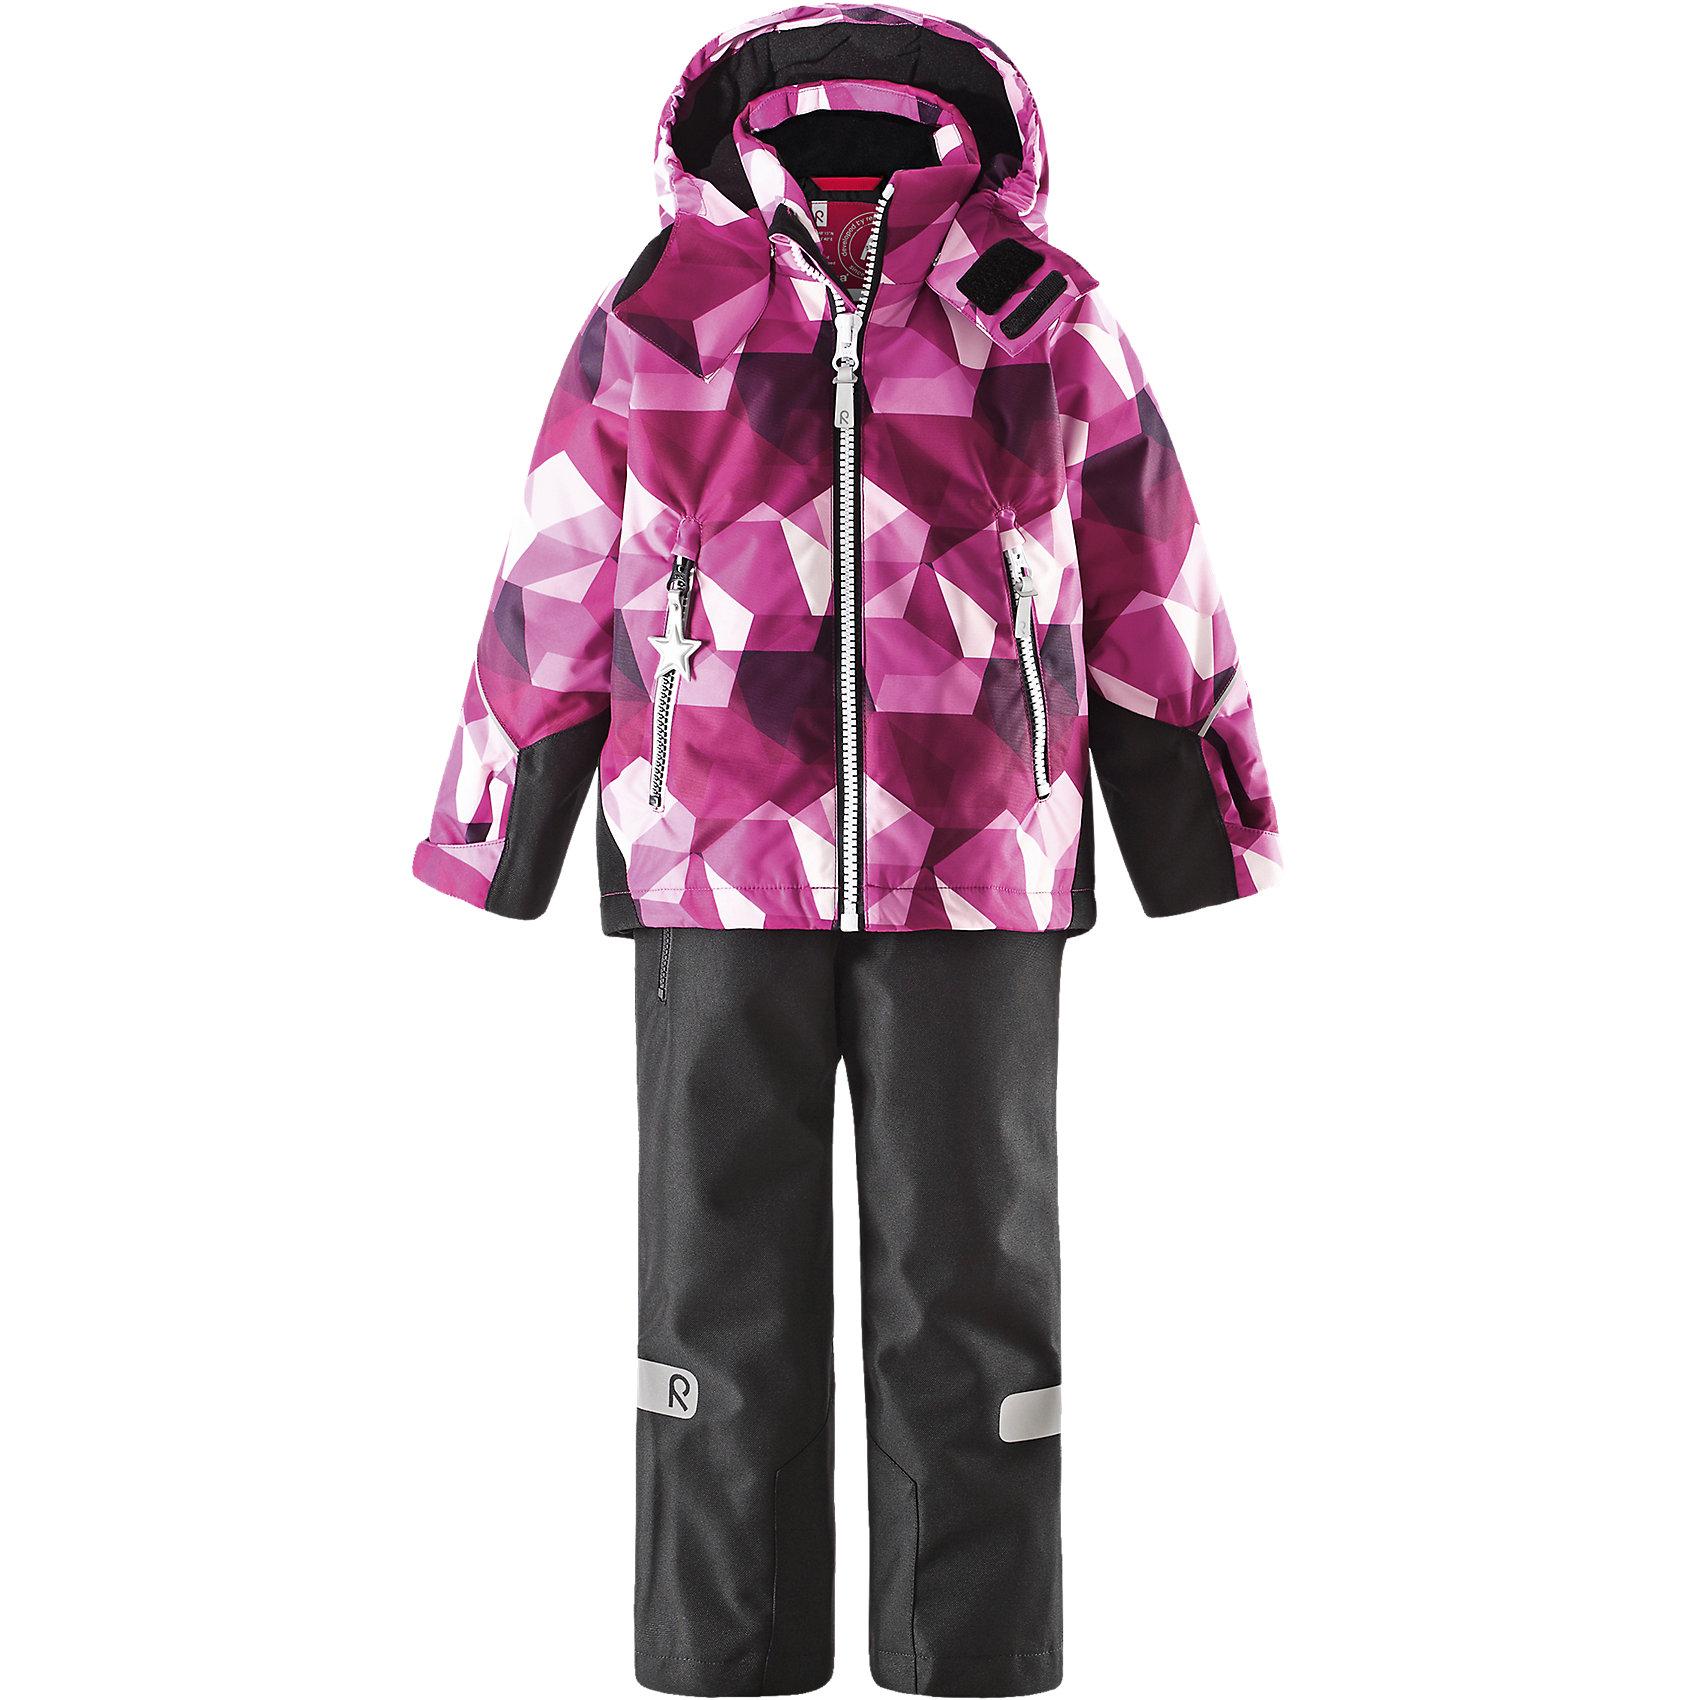 Комплект: куртка и брюки для девочки ReimaОдежда<br>Комплект: куртка и брюки для девочки от финской марки Reima.<br>*Детская водонепроницаемая зимняя куртка Kiddo <br>*Основные швы проклеены, водонепроницаемы<br>*Безопасный съемный капюшон<br>*Прочные усиленные вставки на подоле сзади и манжетах <br>* Два кармана на молнии<br>*Регулируемый подол и манжеты<br>*Множество светоотражающих элементов<br>*Утеплитель: куртка 160 грамм, брюки 120 грамм (100% полиэстер)<br>* Детские водонепроницаемые зимние брюки Kiddo® <br>* Все швы проклеены, водонепроницаемы<br>* Прочный материал<br>* Съемные регулируемые подтяжки<br>* Удлиненная нижняя часть сзади<br>* Ширинка на молнии<br>* Один карман на молнии<br>* Регулируемая ширина отворотов <br>* Отвороты на кнопке задерживают снег<br>Состав:<br>100% Полиэстер, Полиуретан-покрытие<br><br><br>Комплект: куртка и брюки для девочки Reima (Рейма) можно купить в нашем магазине.<br><br>Ширина мм: 356<br>Глубина мм: 10<br>Высота мм: 245<br>Вес г: 519<br>Цвет: розовый<br>Возраст от месяцев: 18<br>Возраст до месяцев: 24<br>Пол: Женский<br>Возраст: Детский<br>Размер: 92,104,140,128,122,110,116,134,98<br>SKU: 4193818